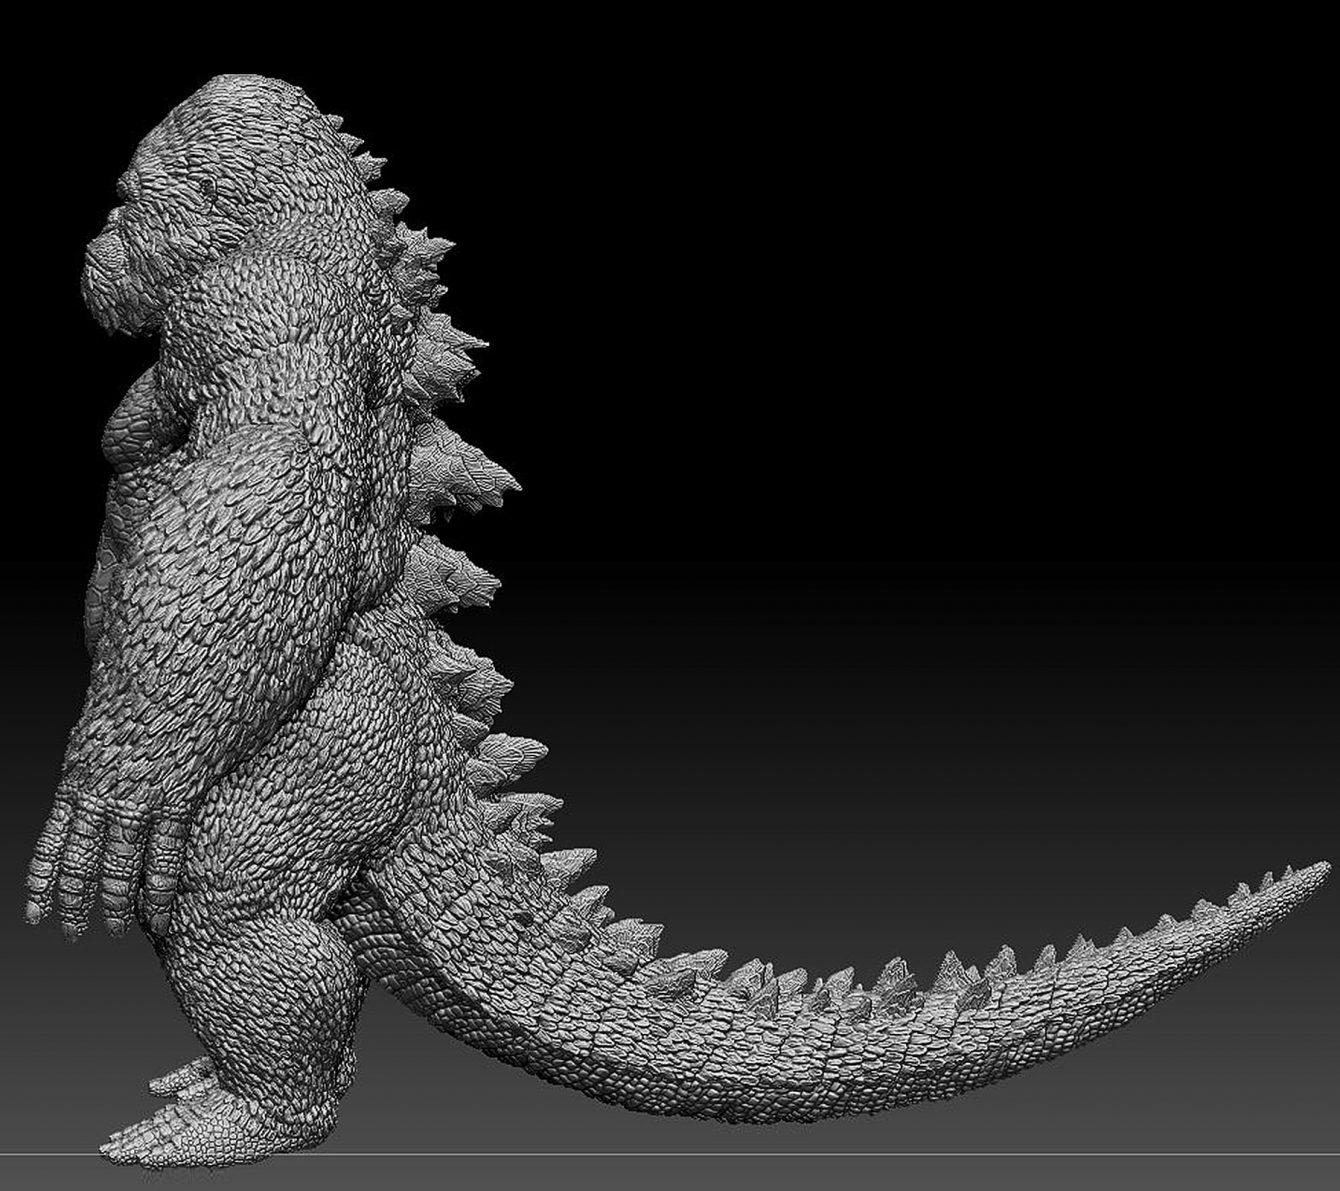 Godzilla-Kong hybrid